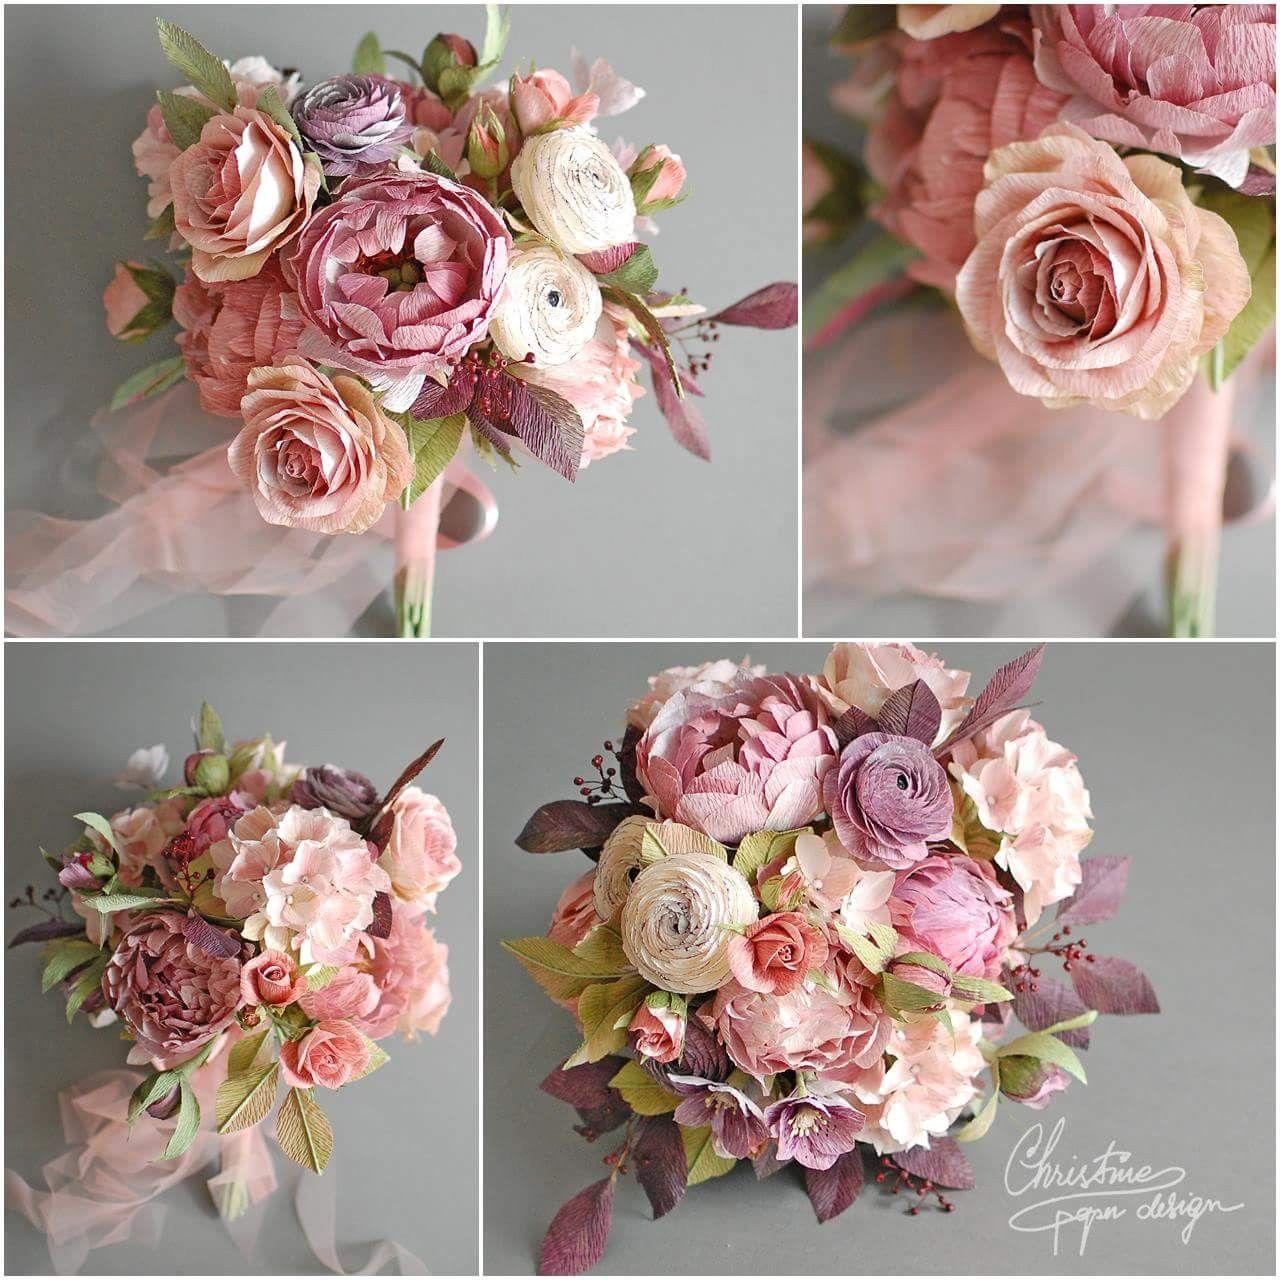 Pin By Kaylee Vo On Paper Flower Art Pinterest Flower Diy Crepe